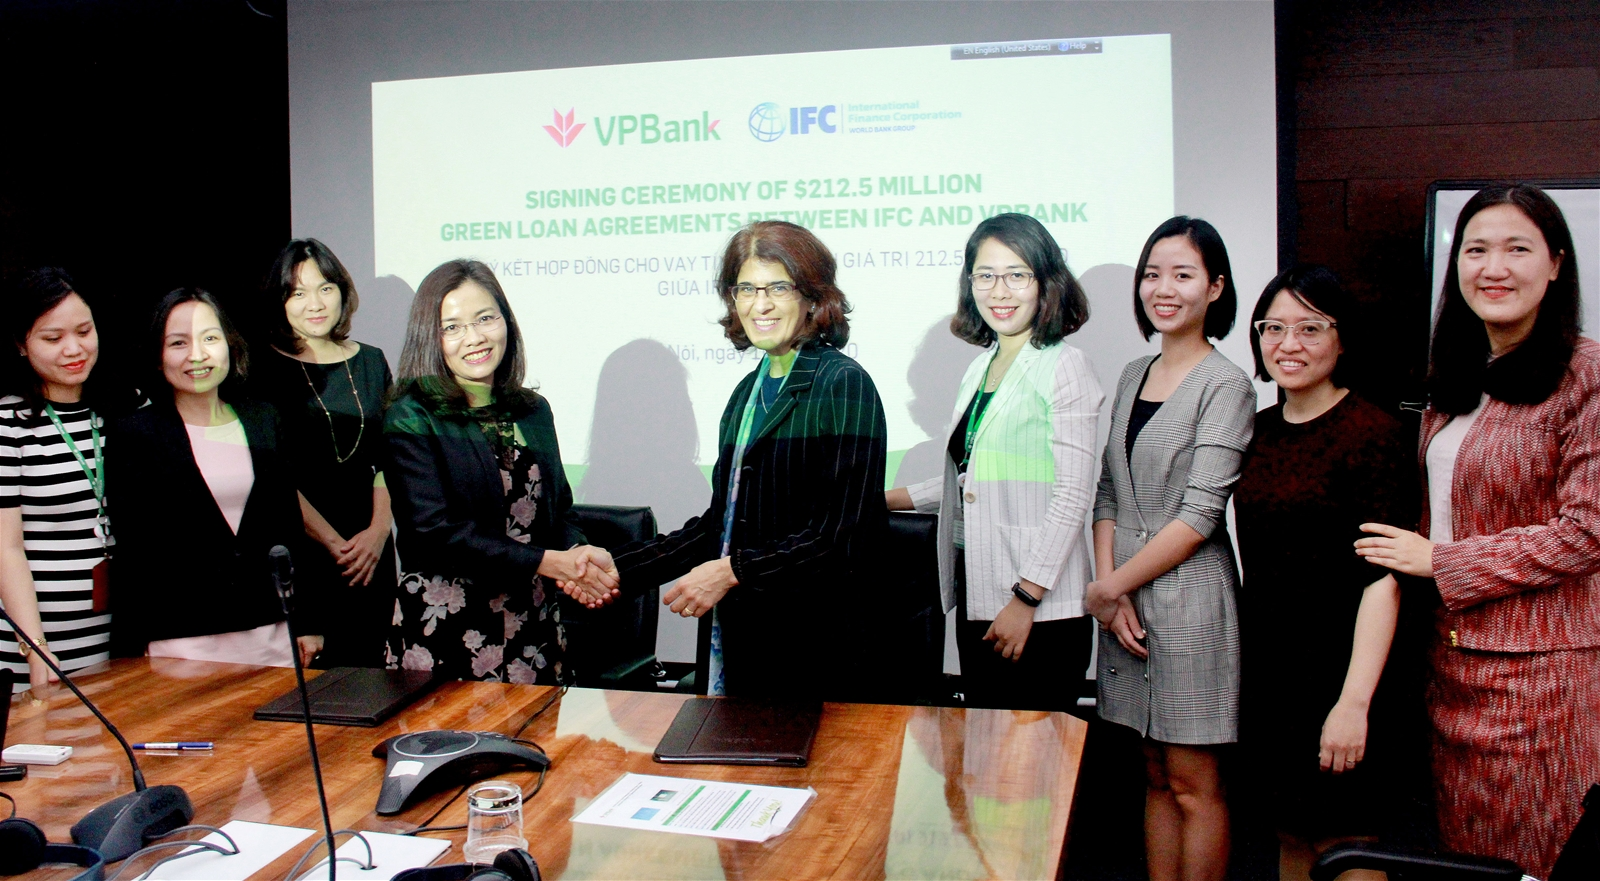 VPBank ký kết thỏa thuận huy động khoản đồng tài trợ xanh lên tới 212,5 triệu US